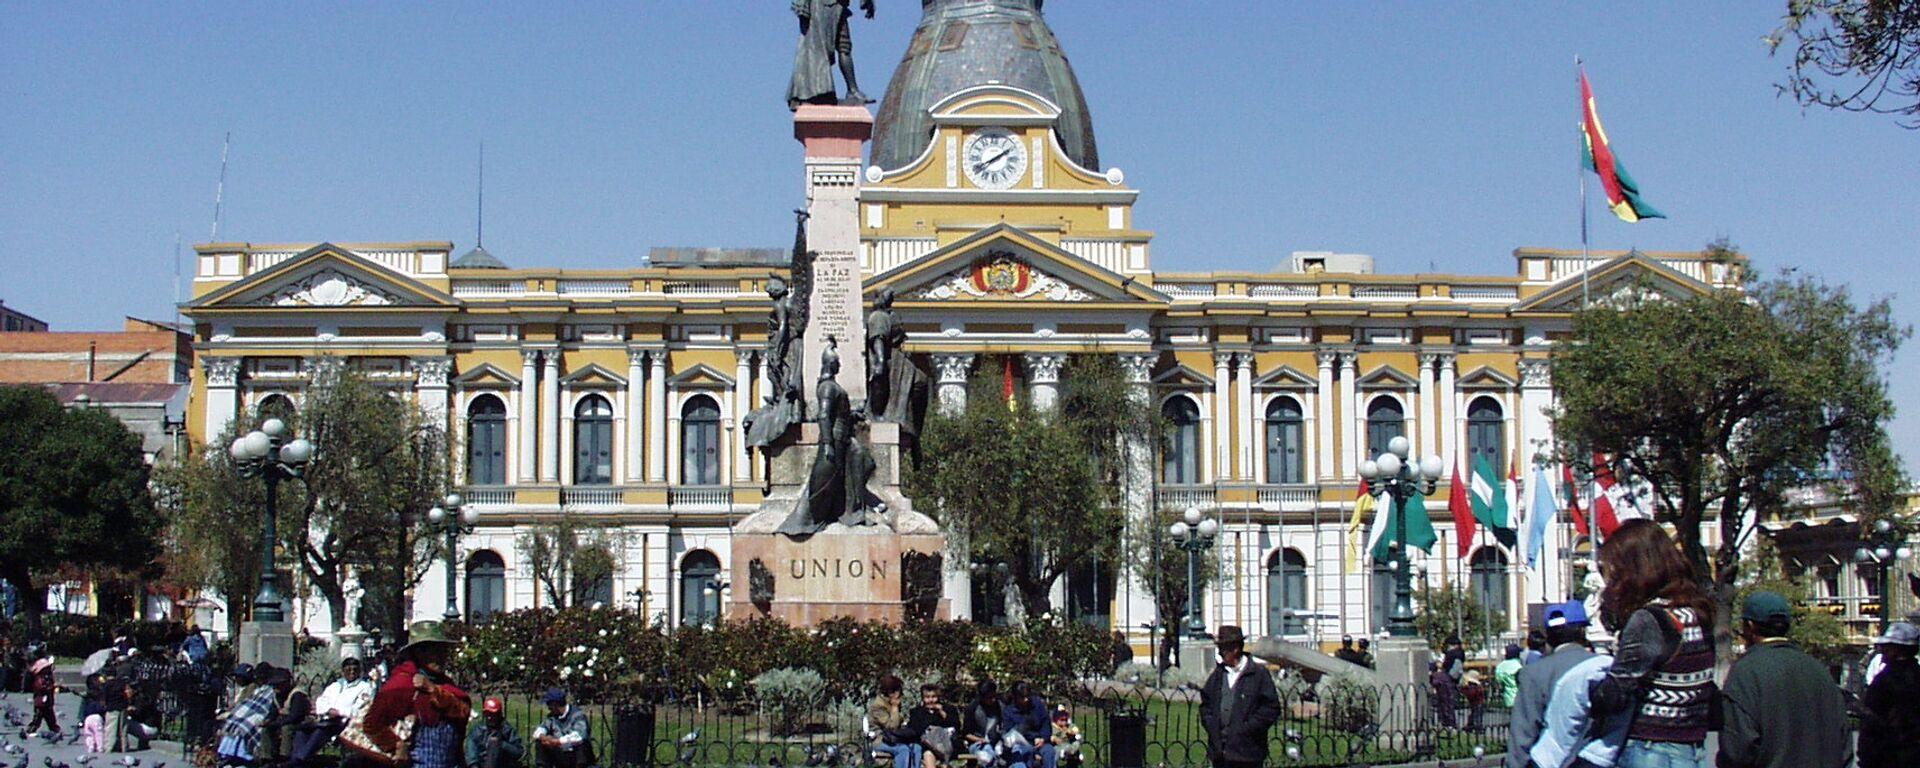 Palacio Nacional de Congreso, La Paz (Bolivia) - Sputnik Mundo, 1920, 29.01.2021